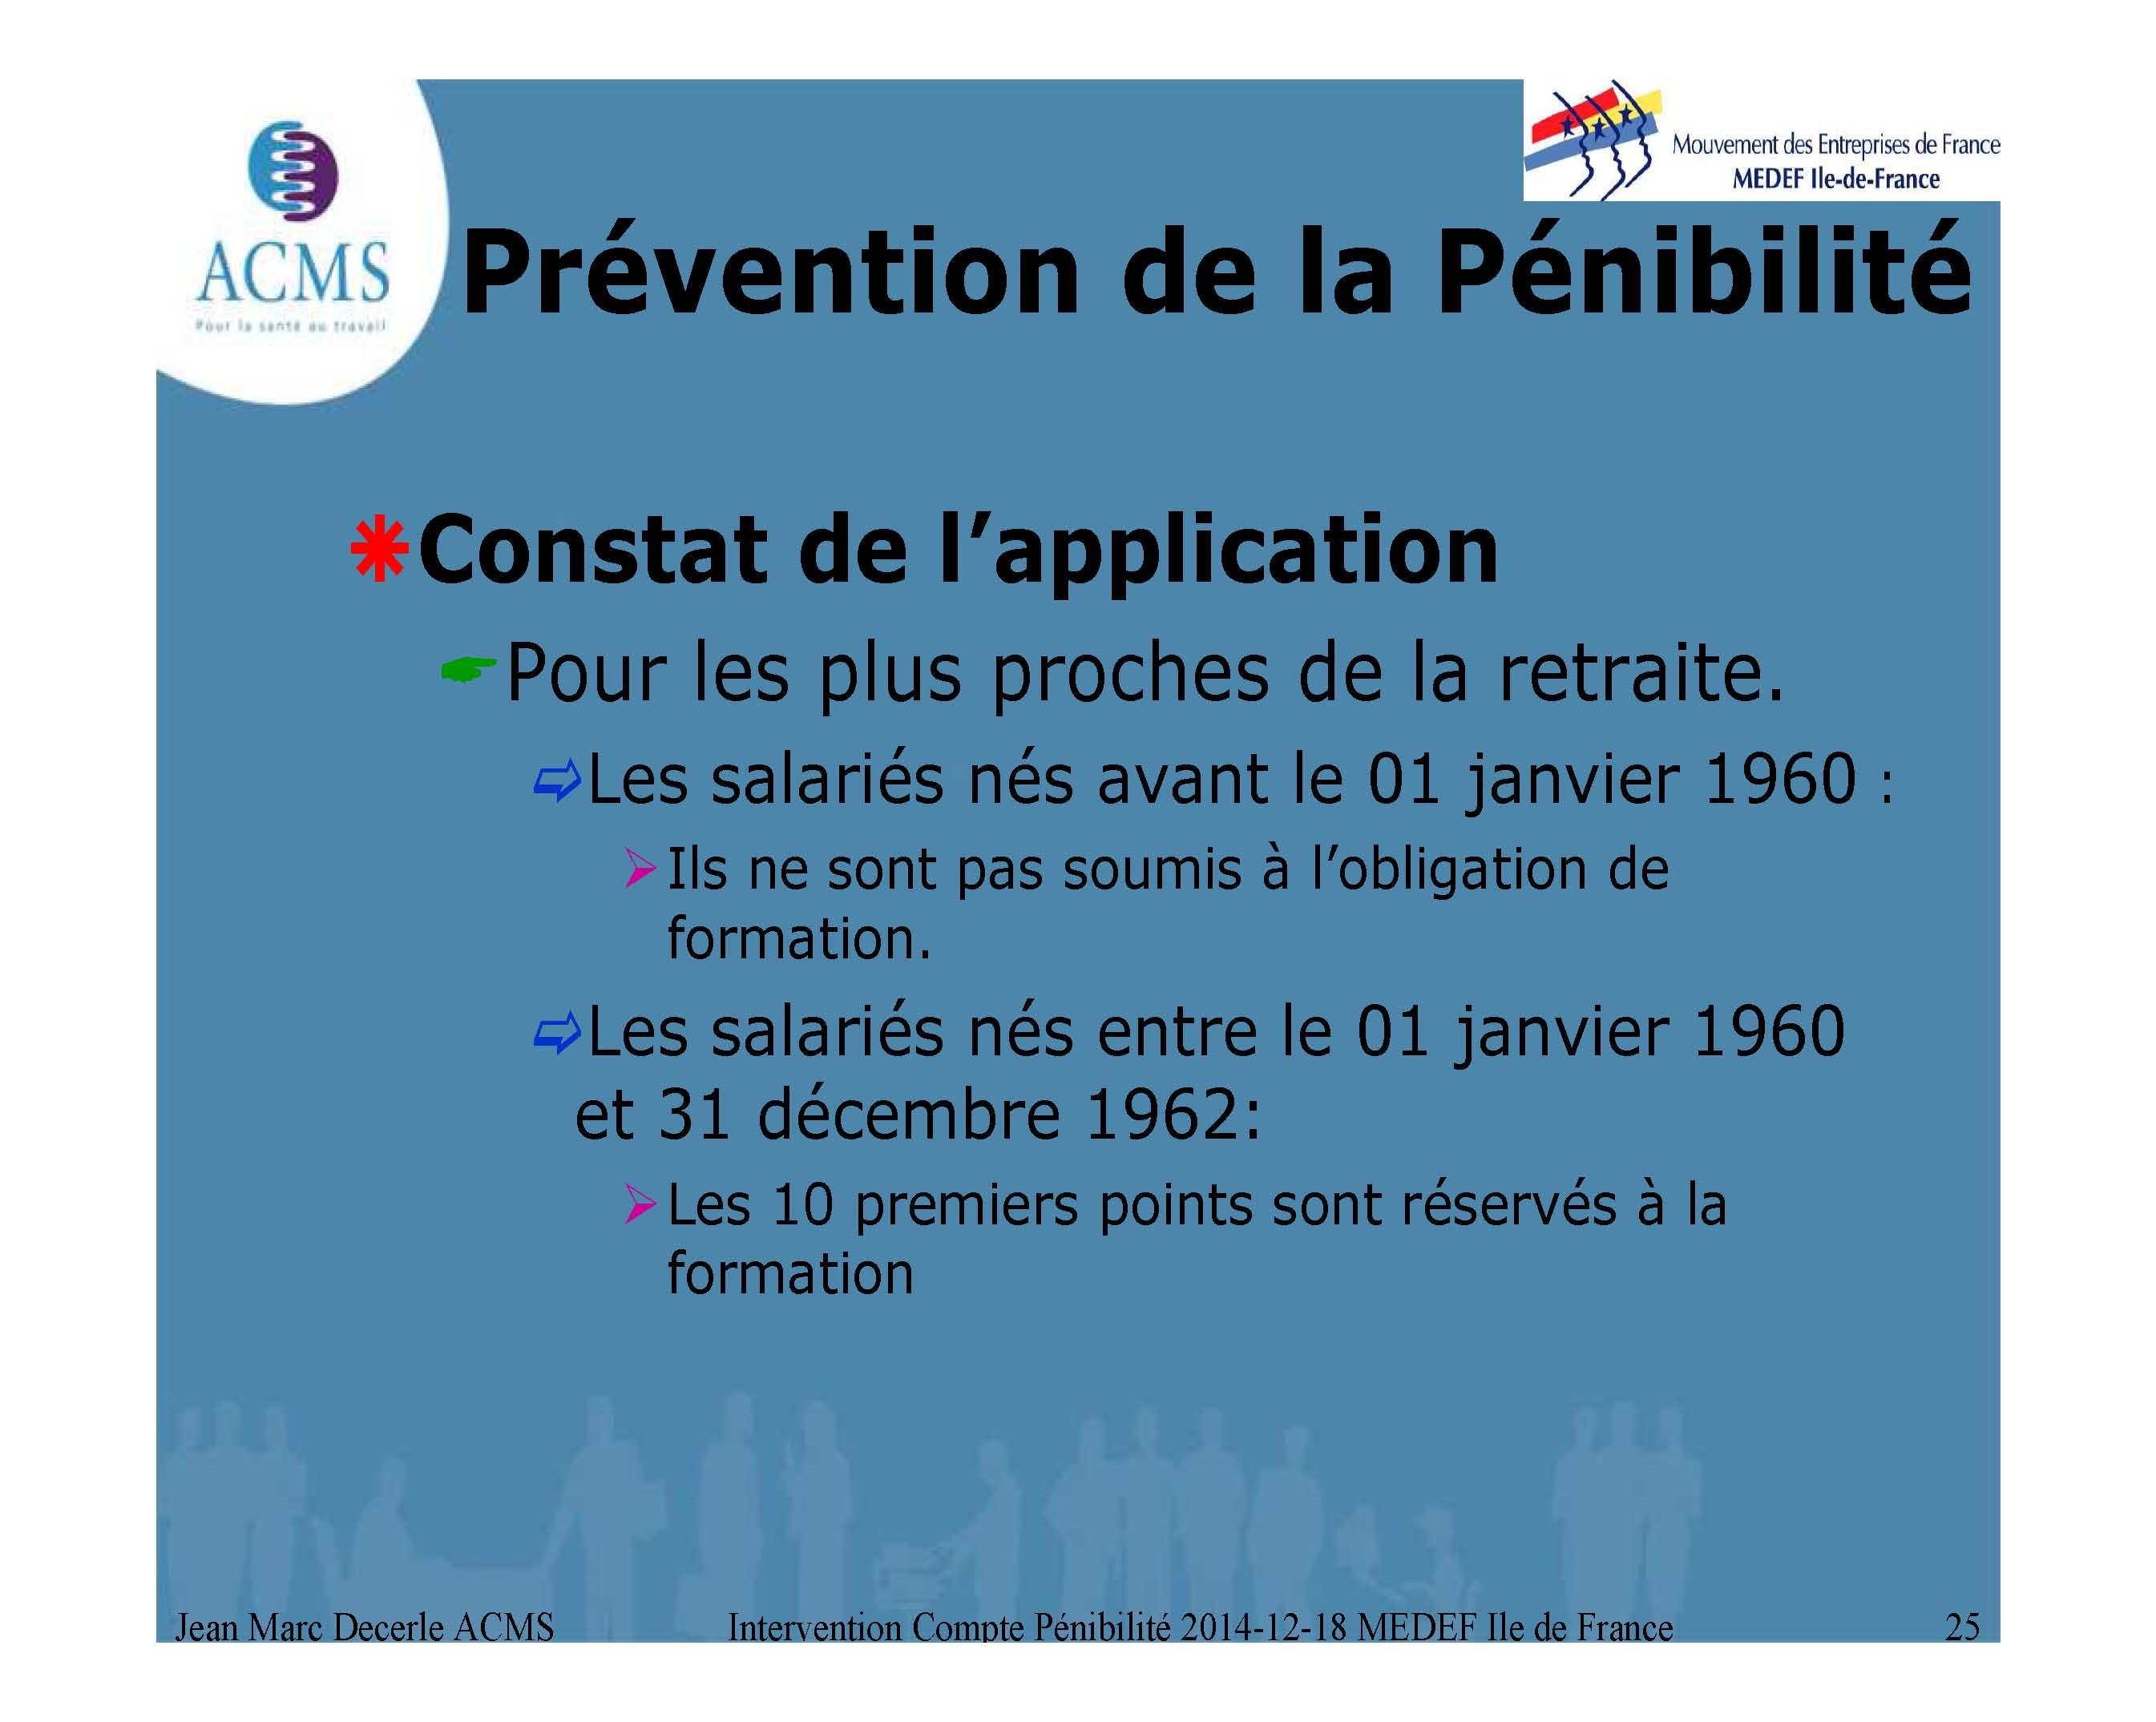 2014-12-18 Compte Pénibilite MEDEF Ile de France_Page_25